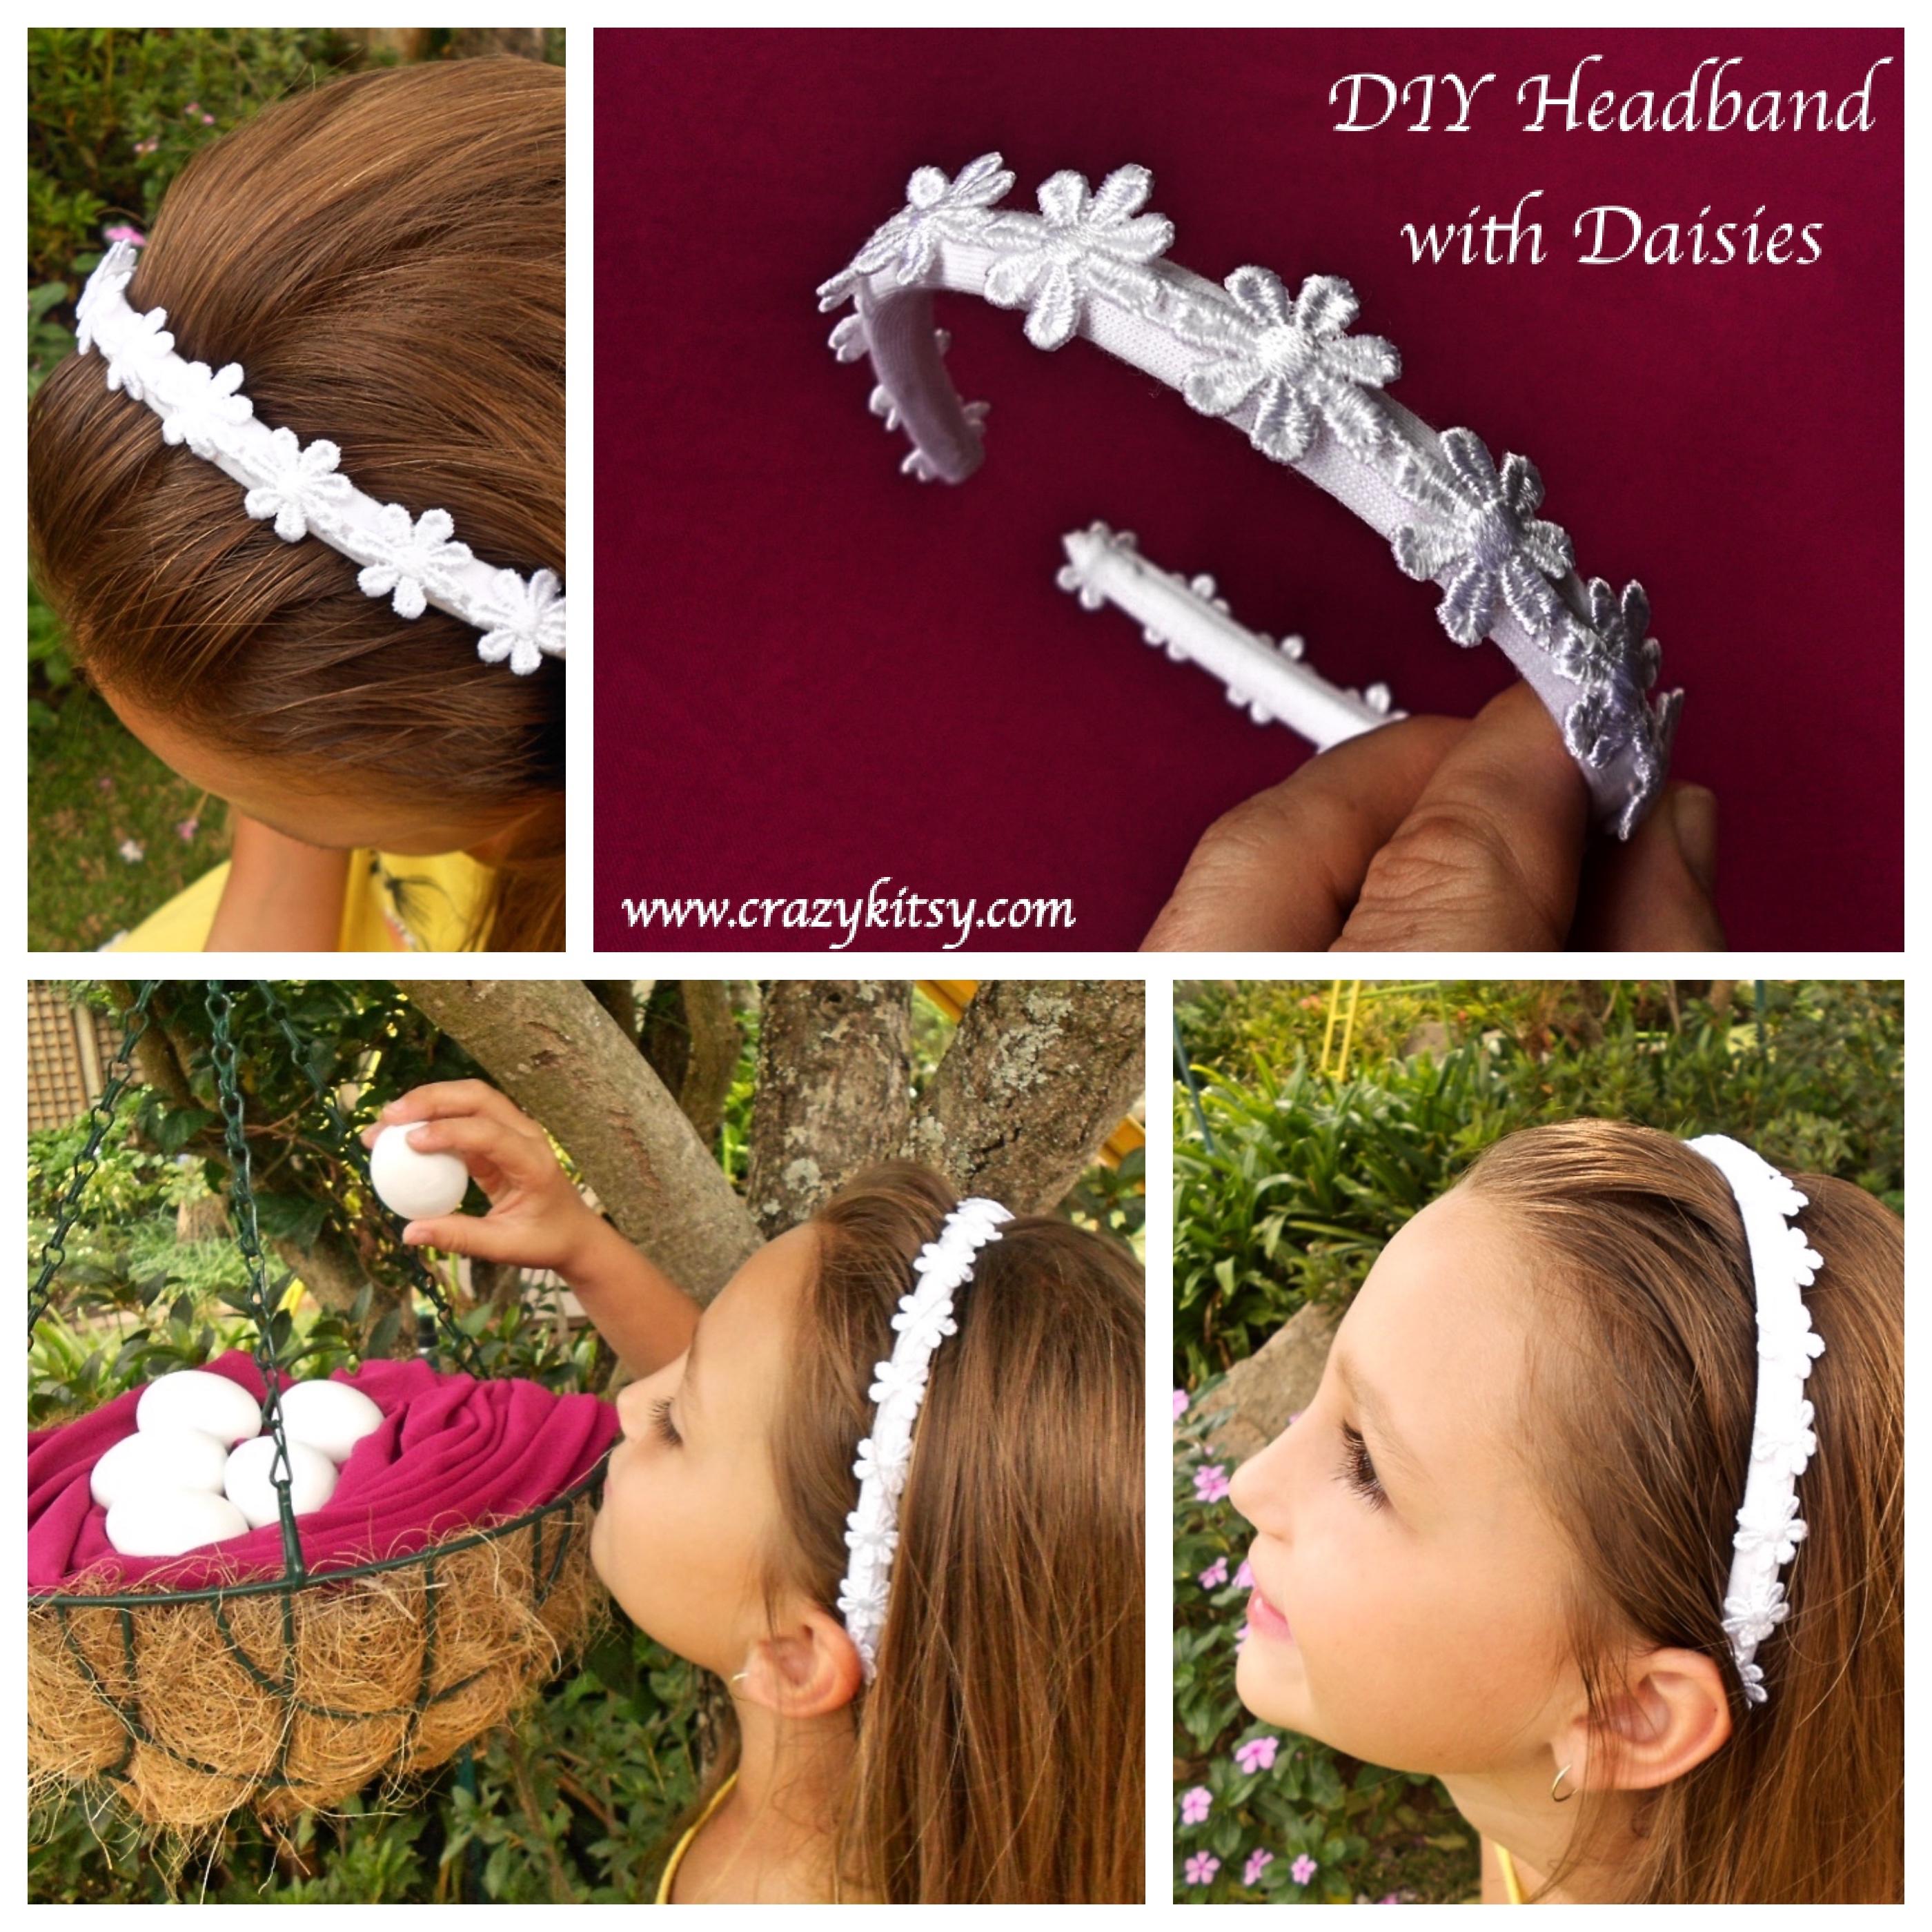 Daisy Headband Tutorial by Crazy Kitsy